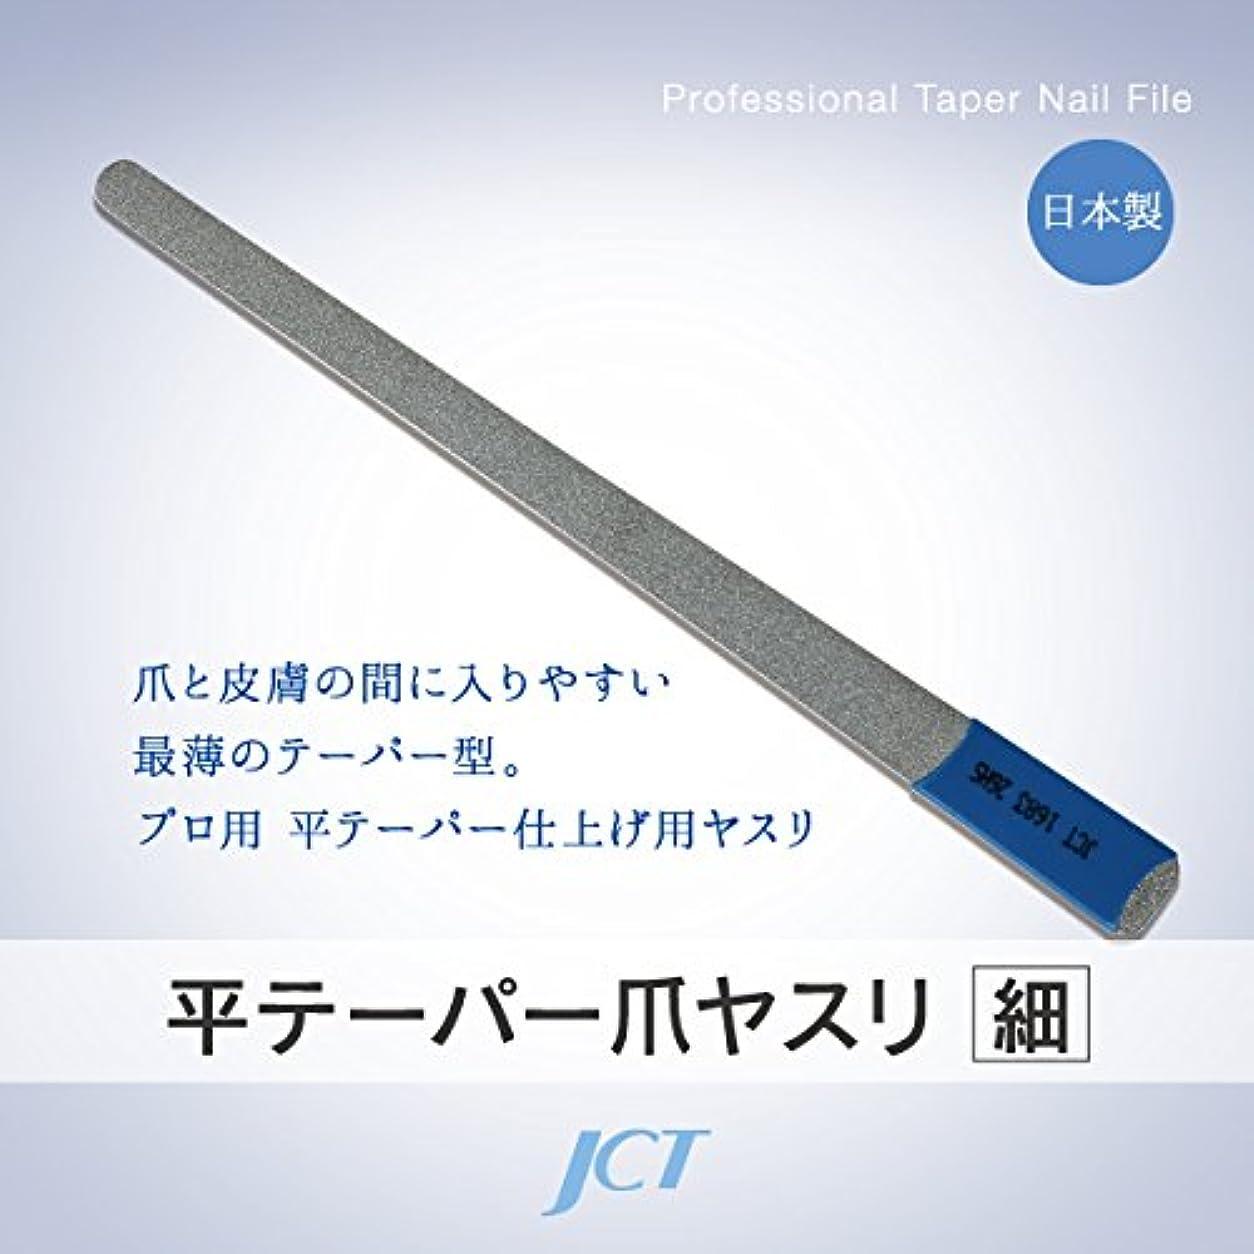 リフト退化する輸血JCT メディカル フットケア ネイルケア ダイヤモンド平テーパー爪ヤスリ(細) 滅菌可 日本製 1年間保証付